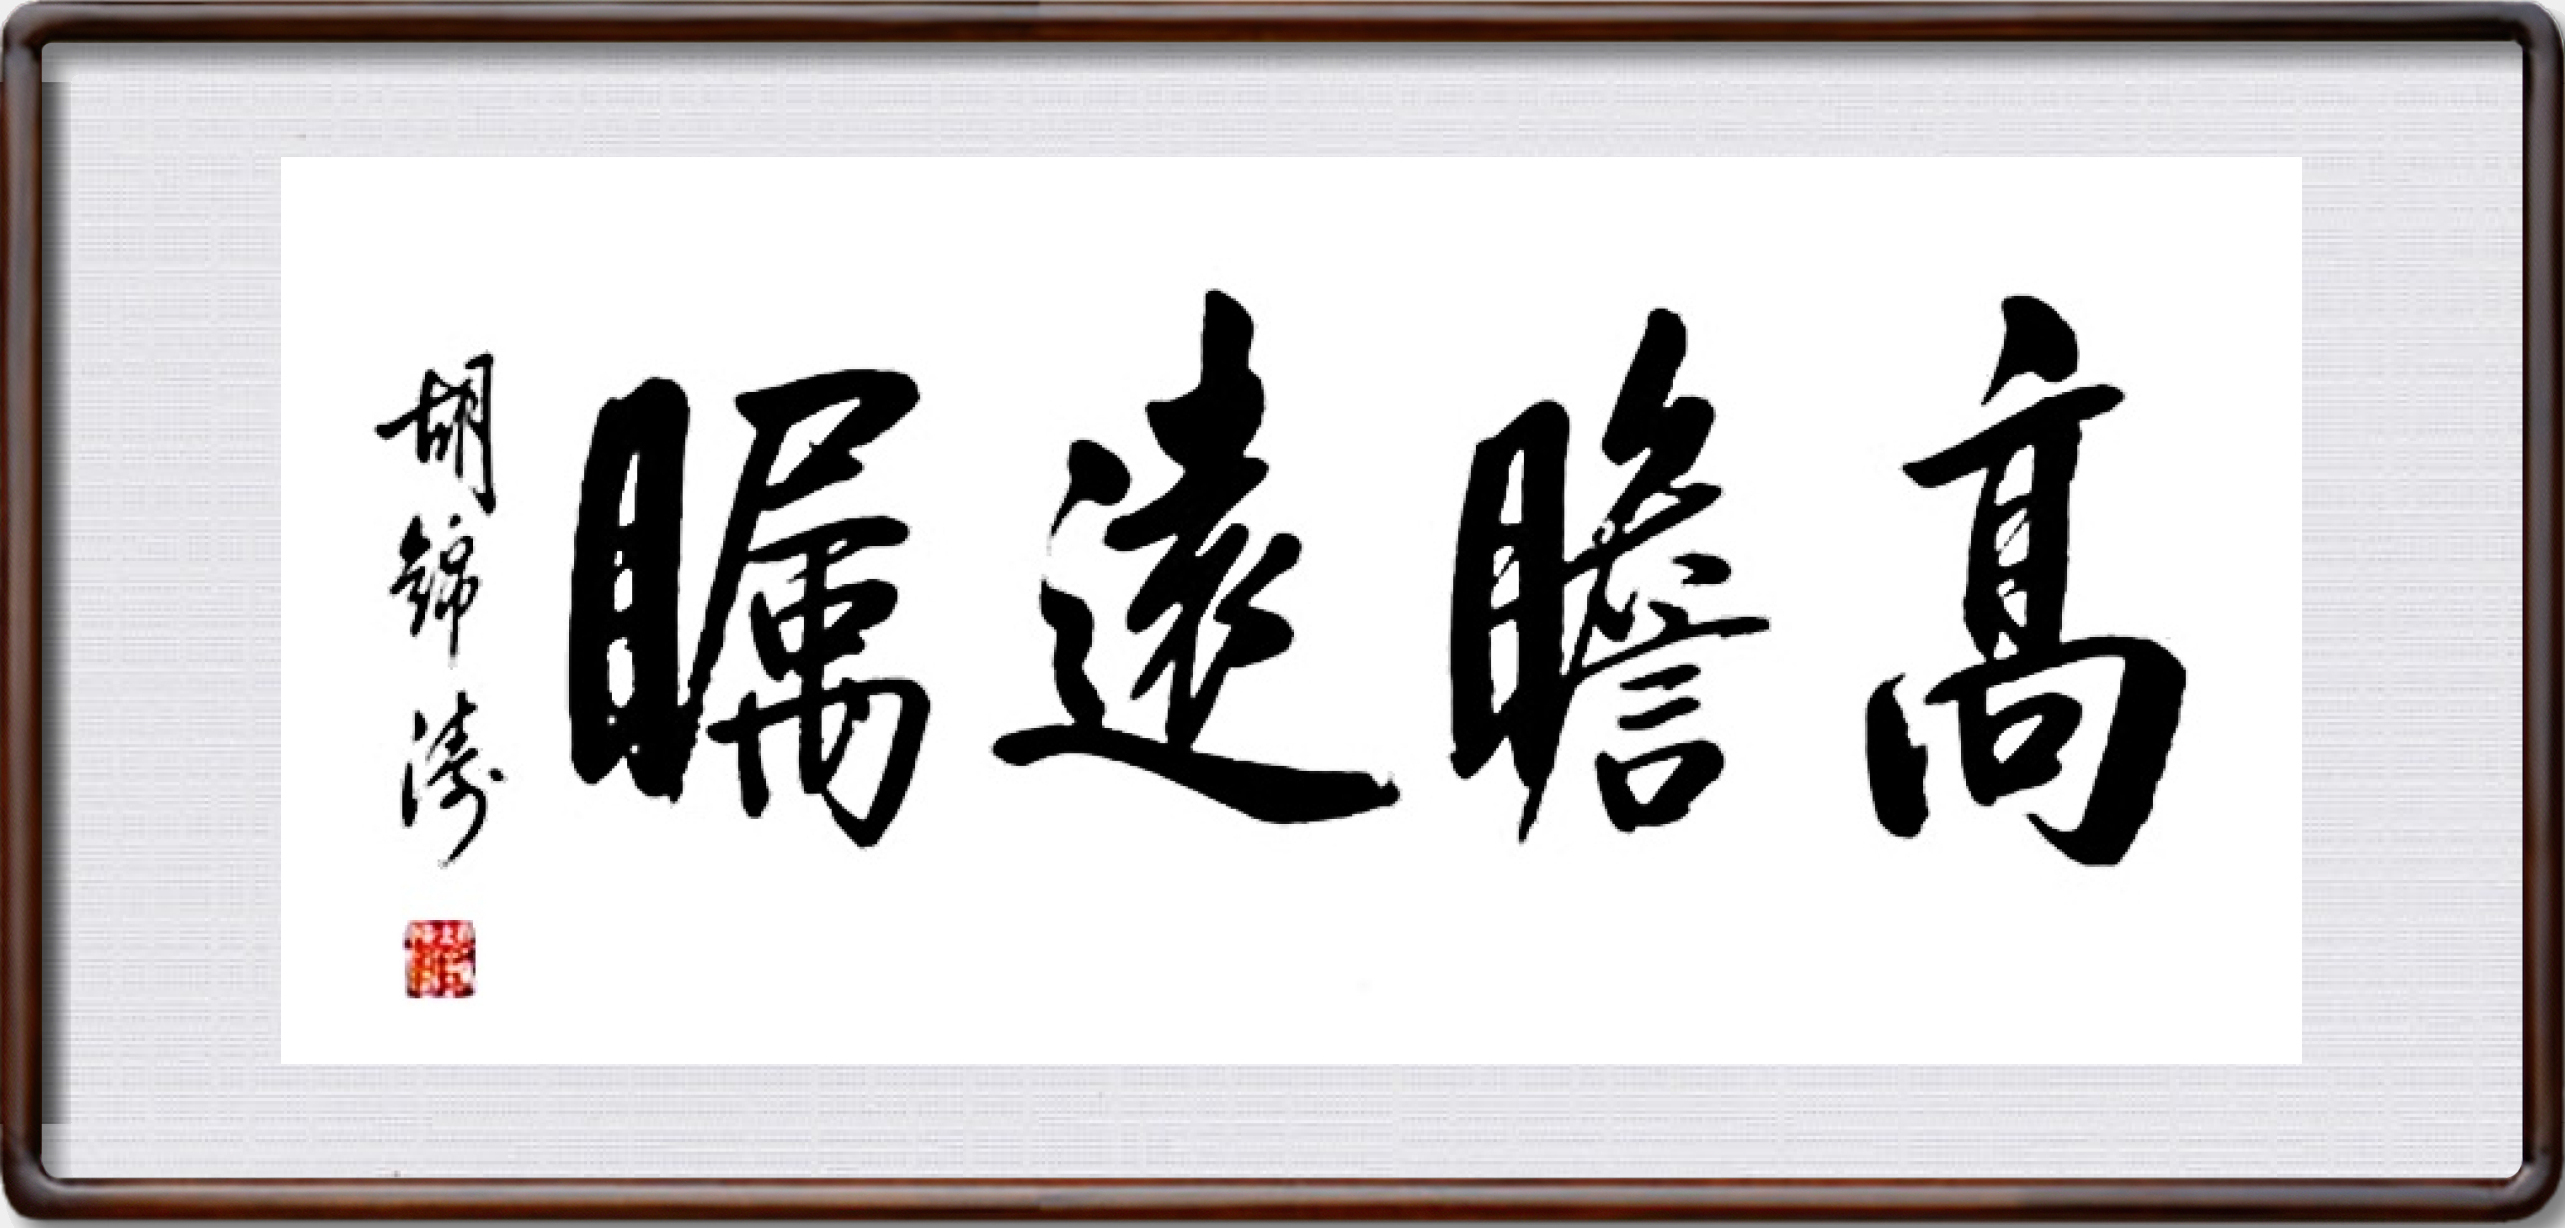 胡锦涛书法作品高瞻远瞩